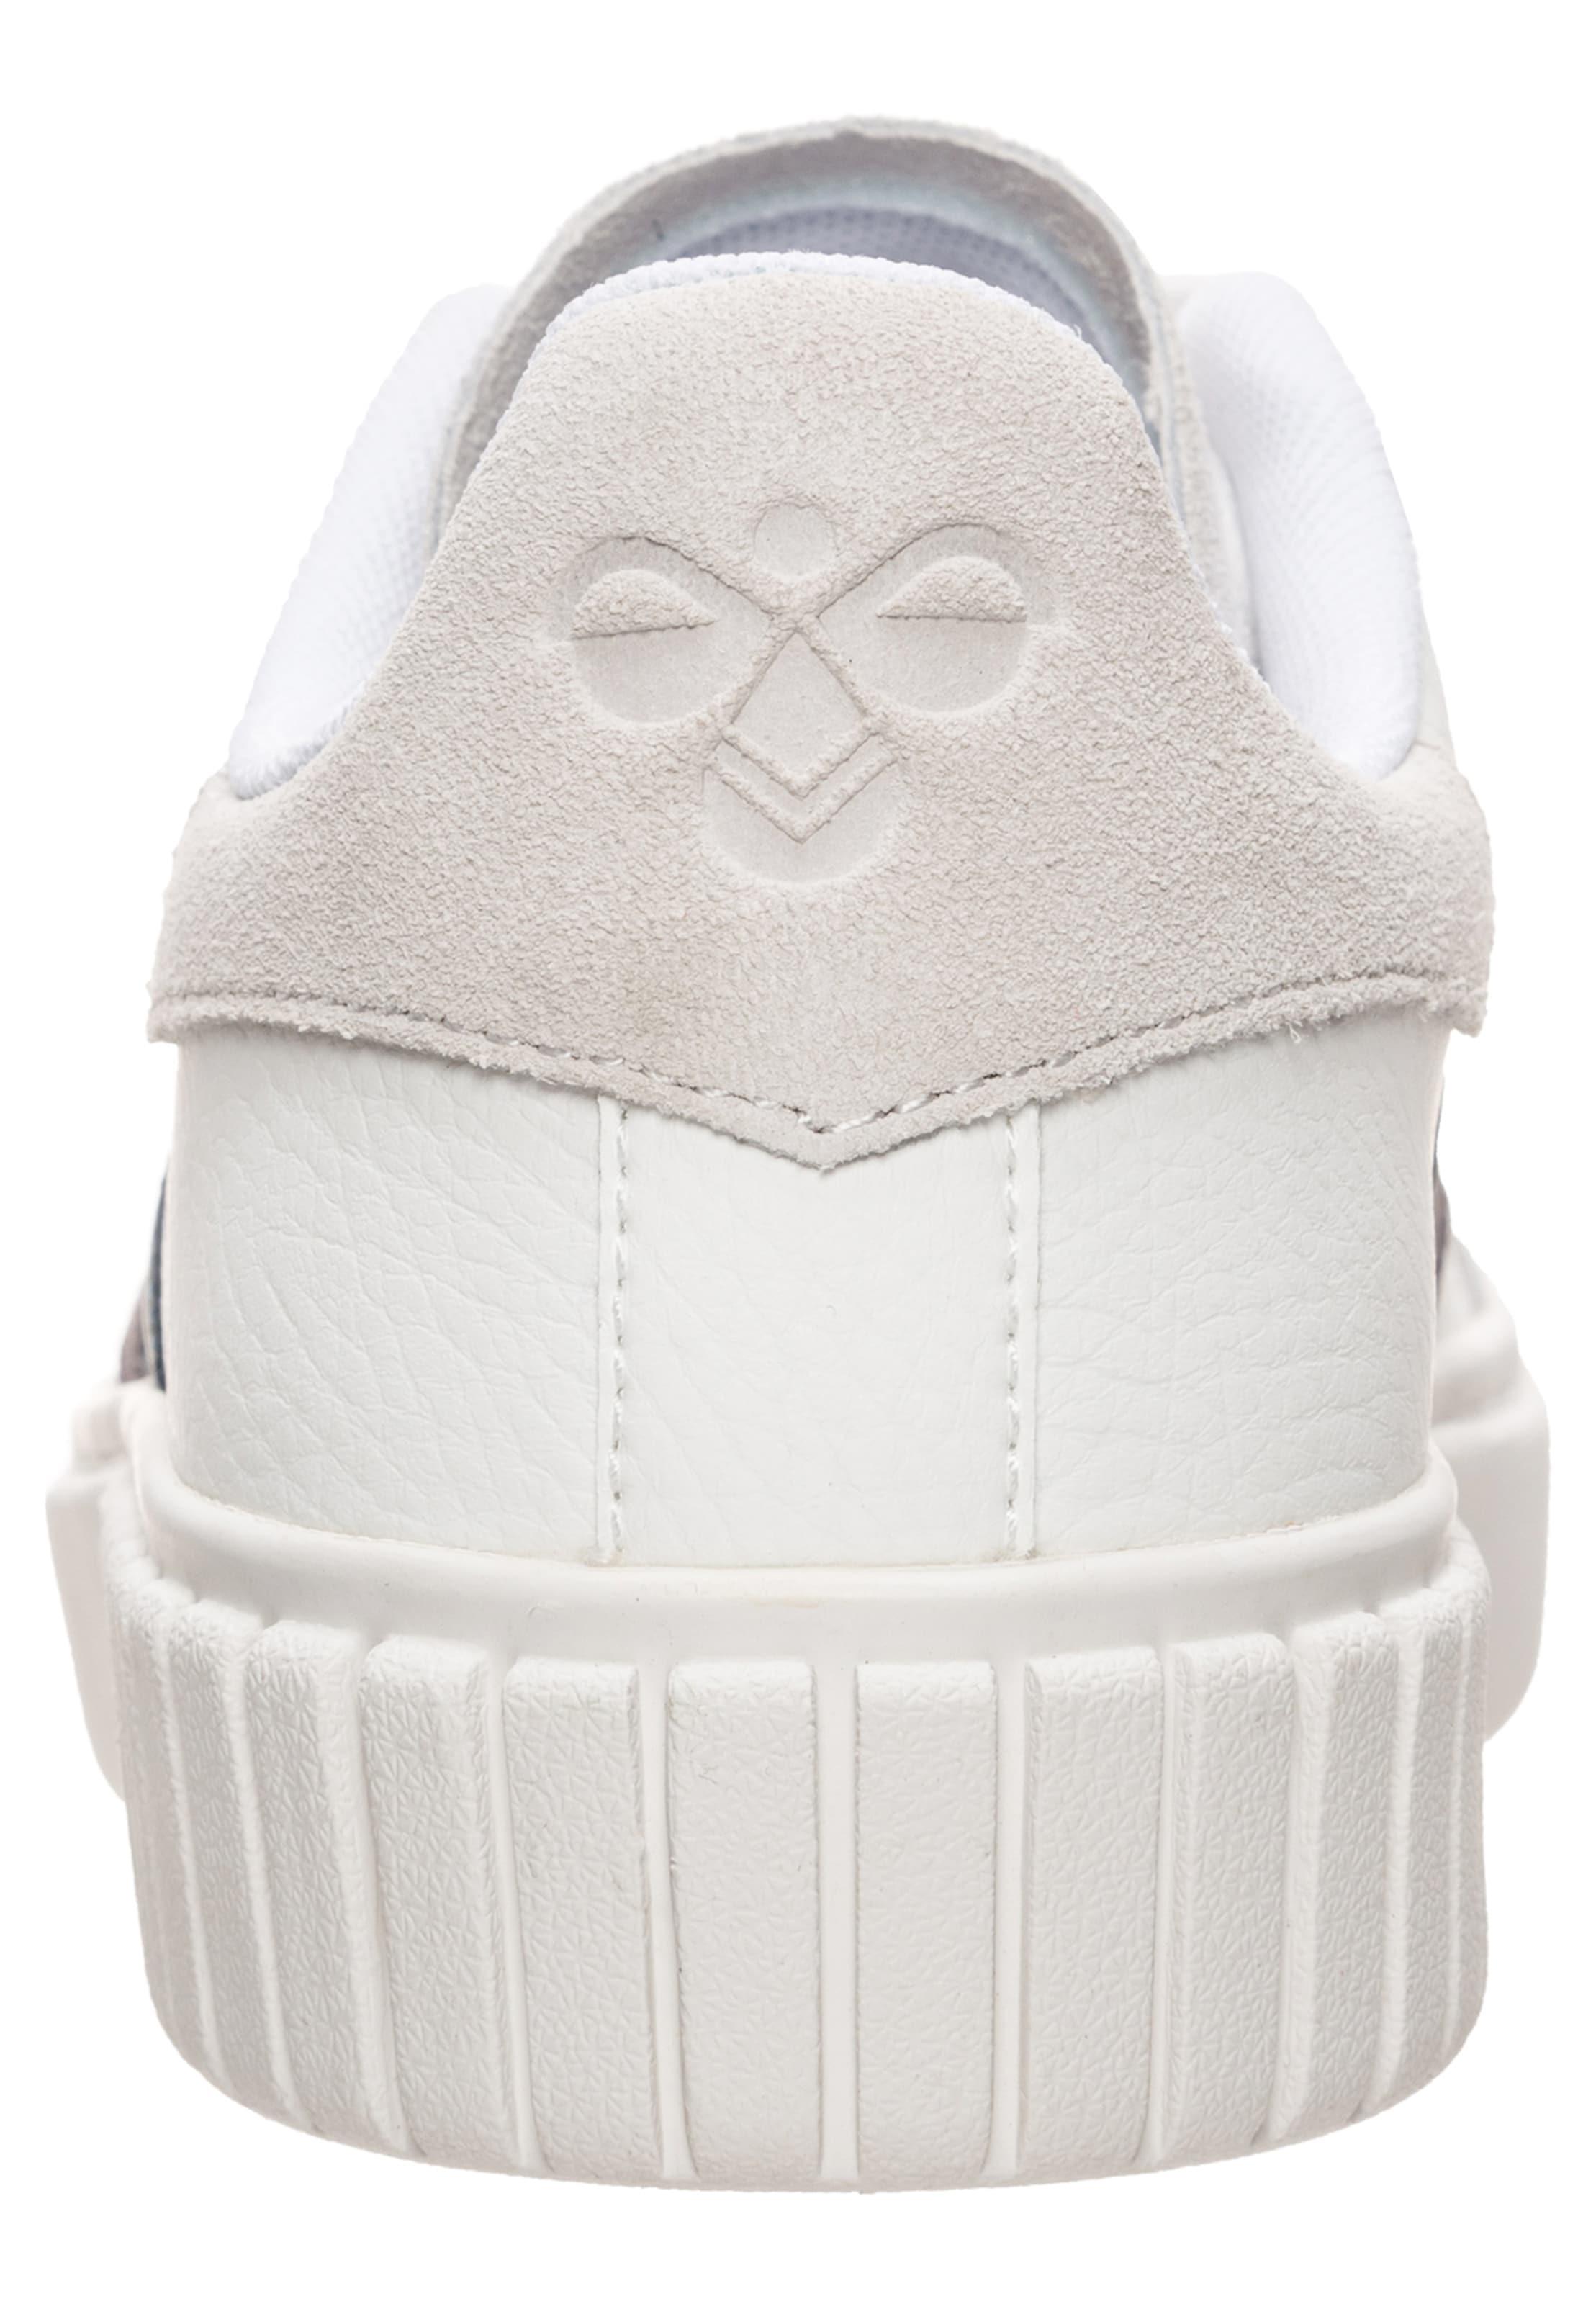 Baskets 'aarhus Classic' En Basses Blanc Hummel kX8wNn0OP